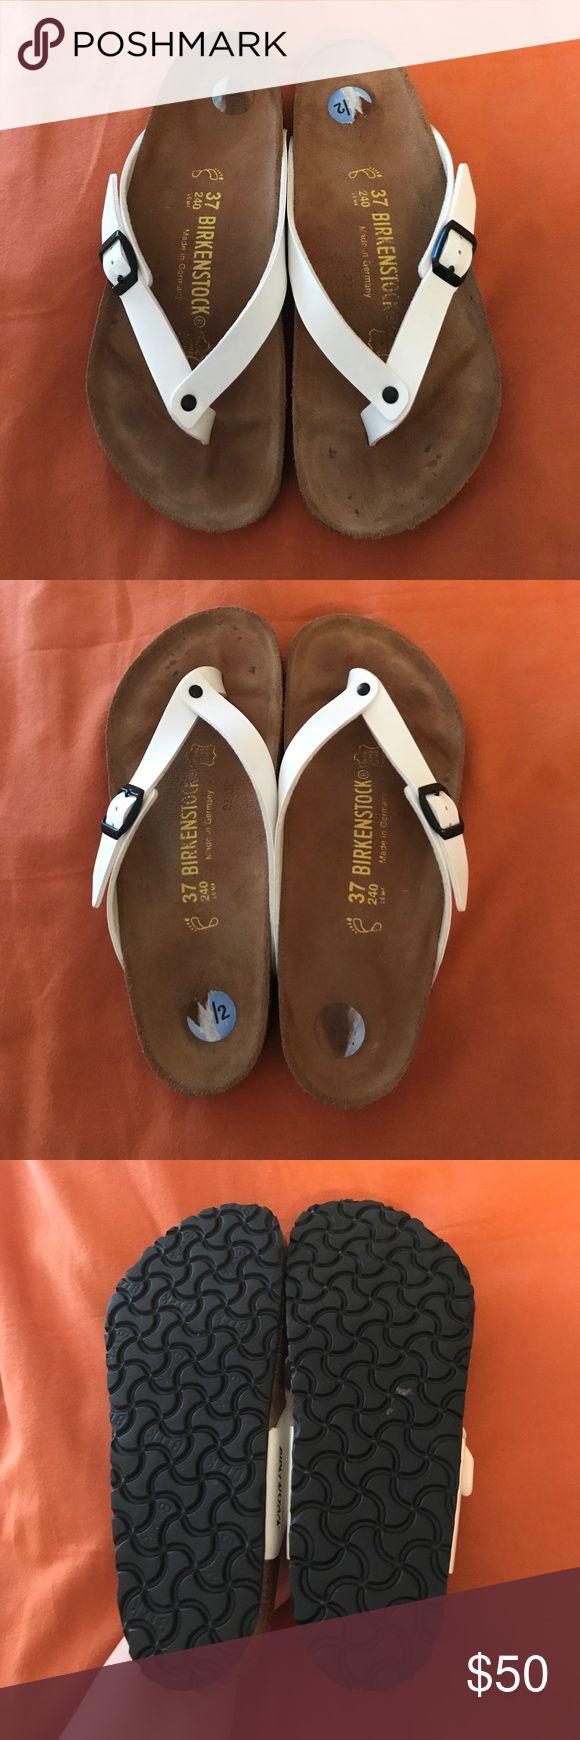 Birkenstock Adria Sandals Like new worn once. Birkenstock Shoes Sandals